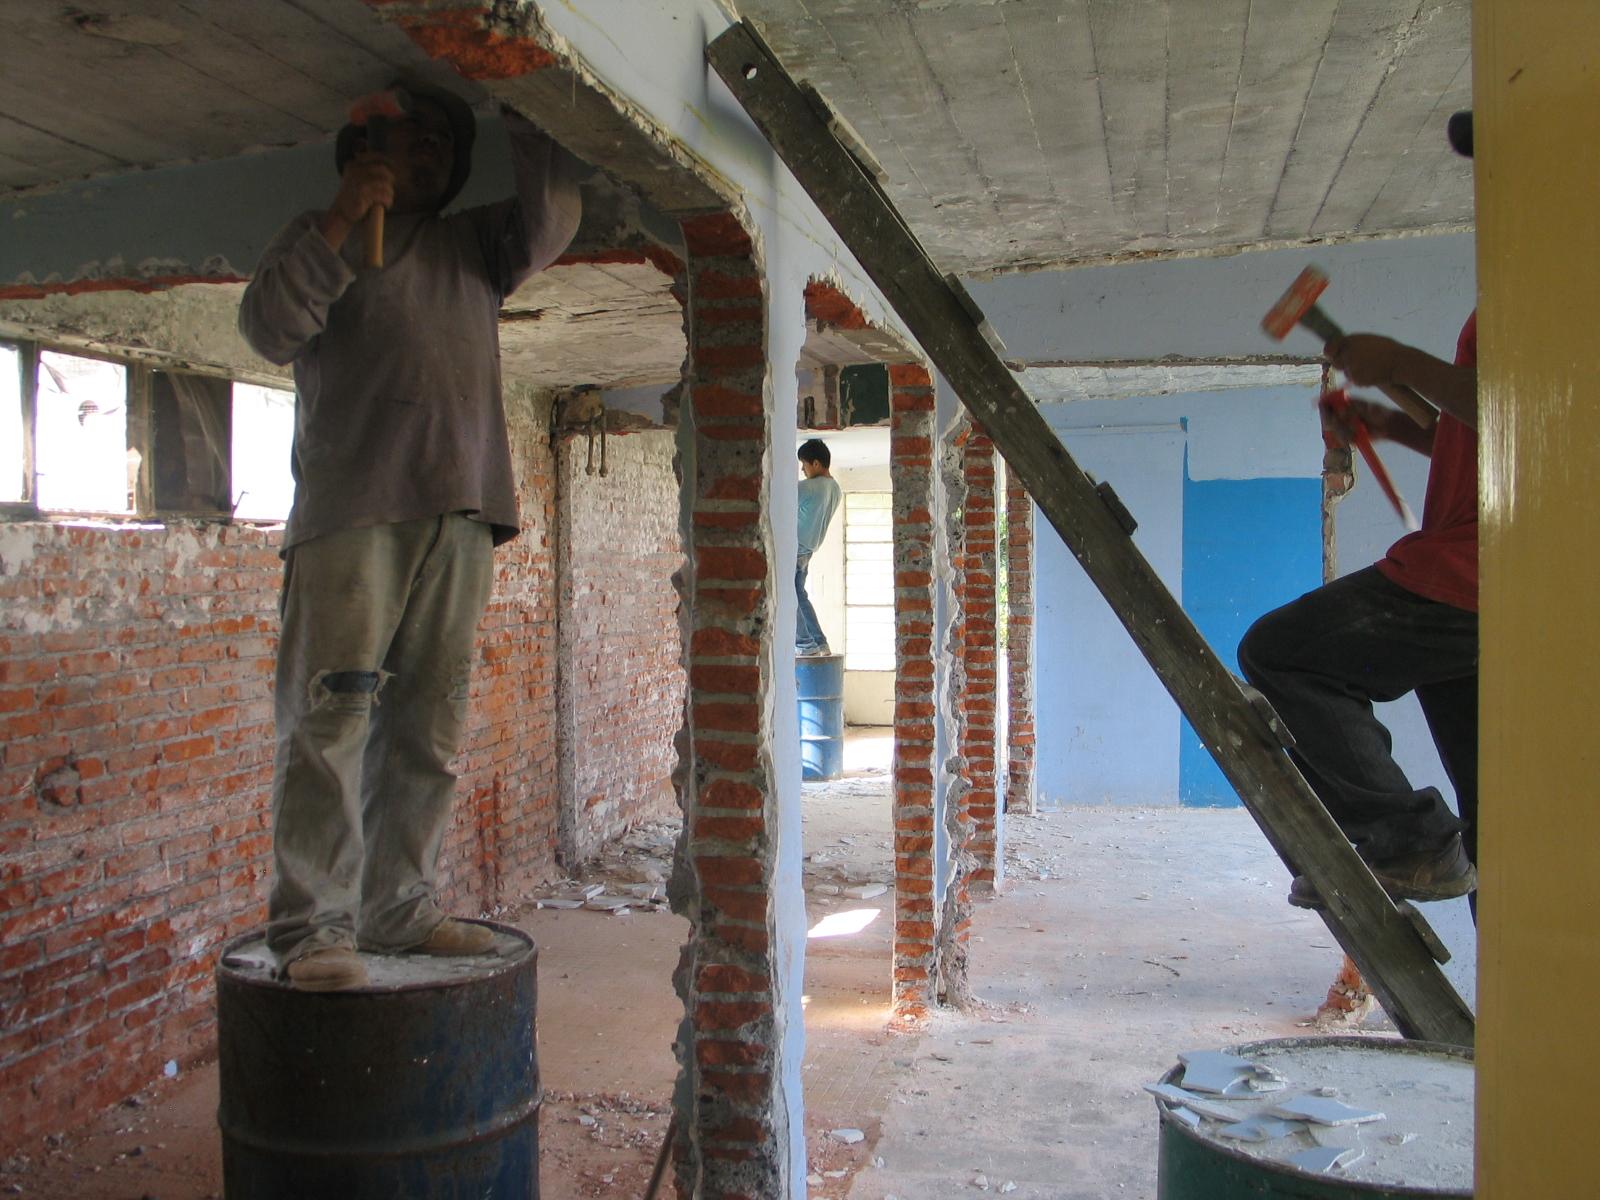 Oficinas alternas construccion en ceiepav for Construccion oficinas